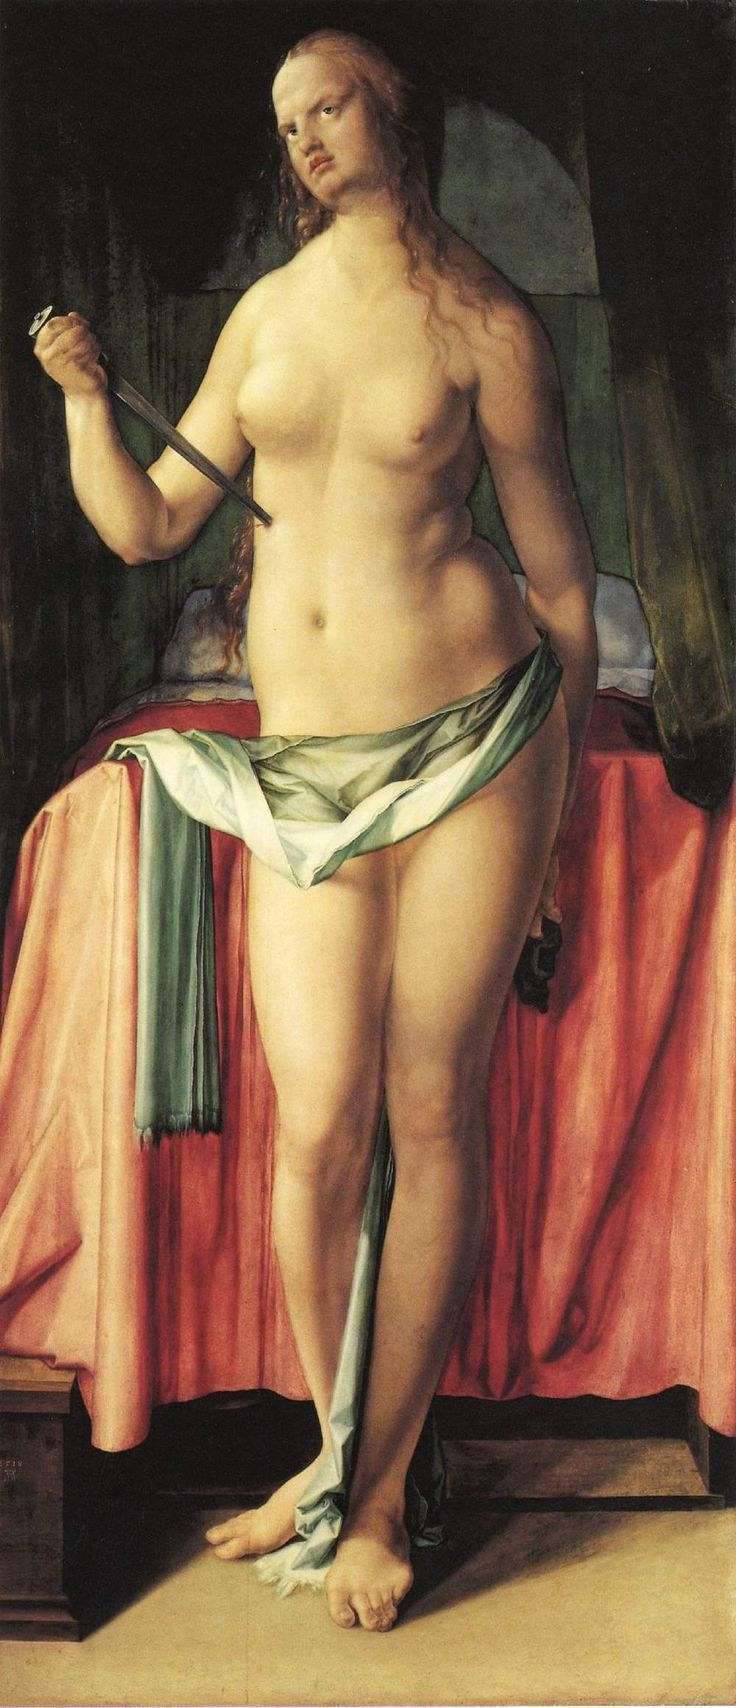 Albrecht Dürer - The Suicide of Lucretia 1518